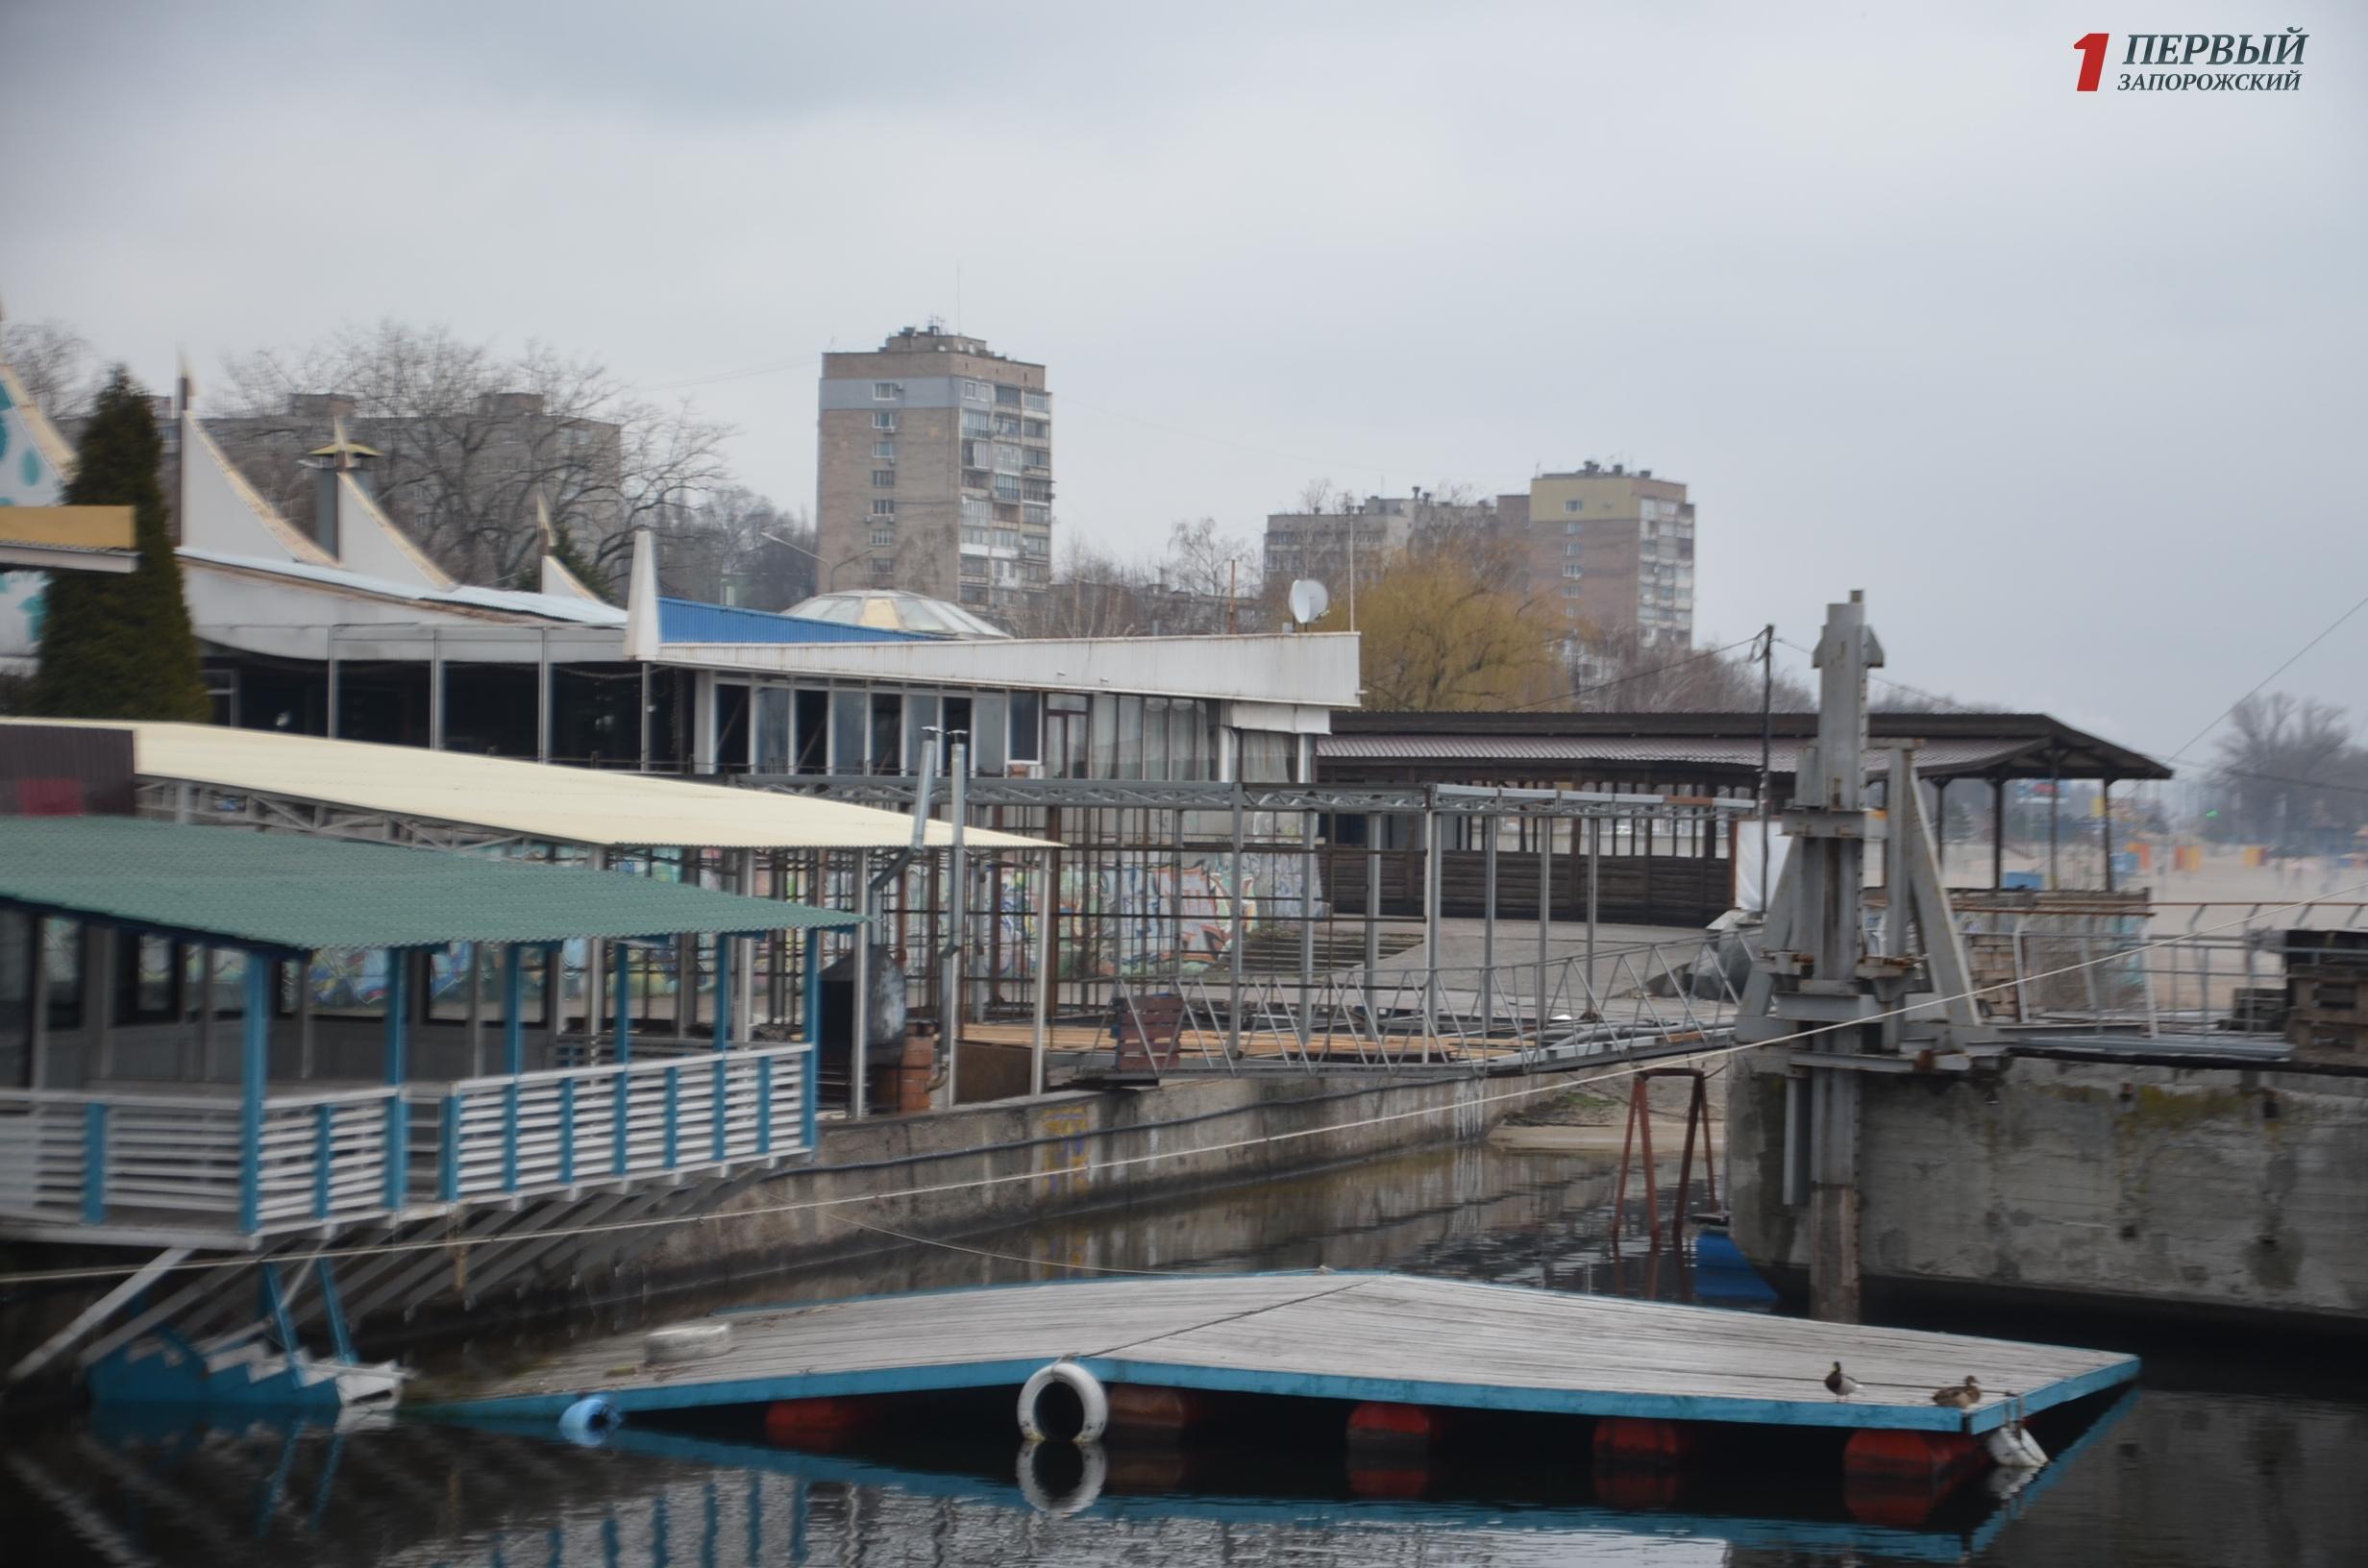 Прокуратура, чиновники и бизнесмены снова проводят разборки вокруг новостроящегося летнего кафе на Набережной - ФОТО